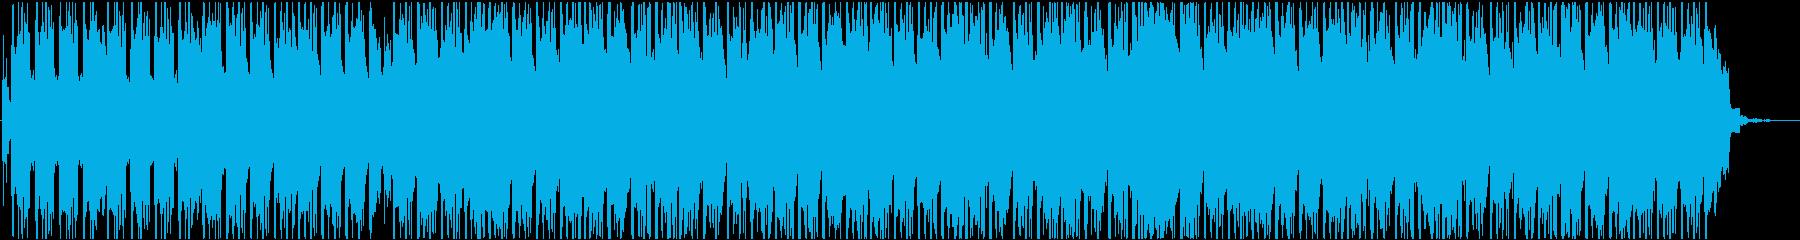 軽快なアコースティックエレクトロニカの再生済みの波形